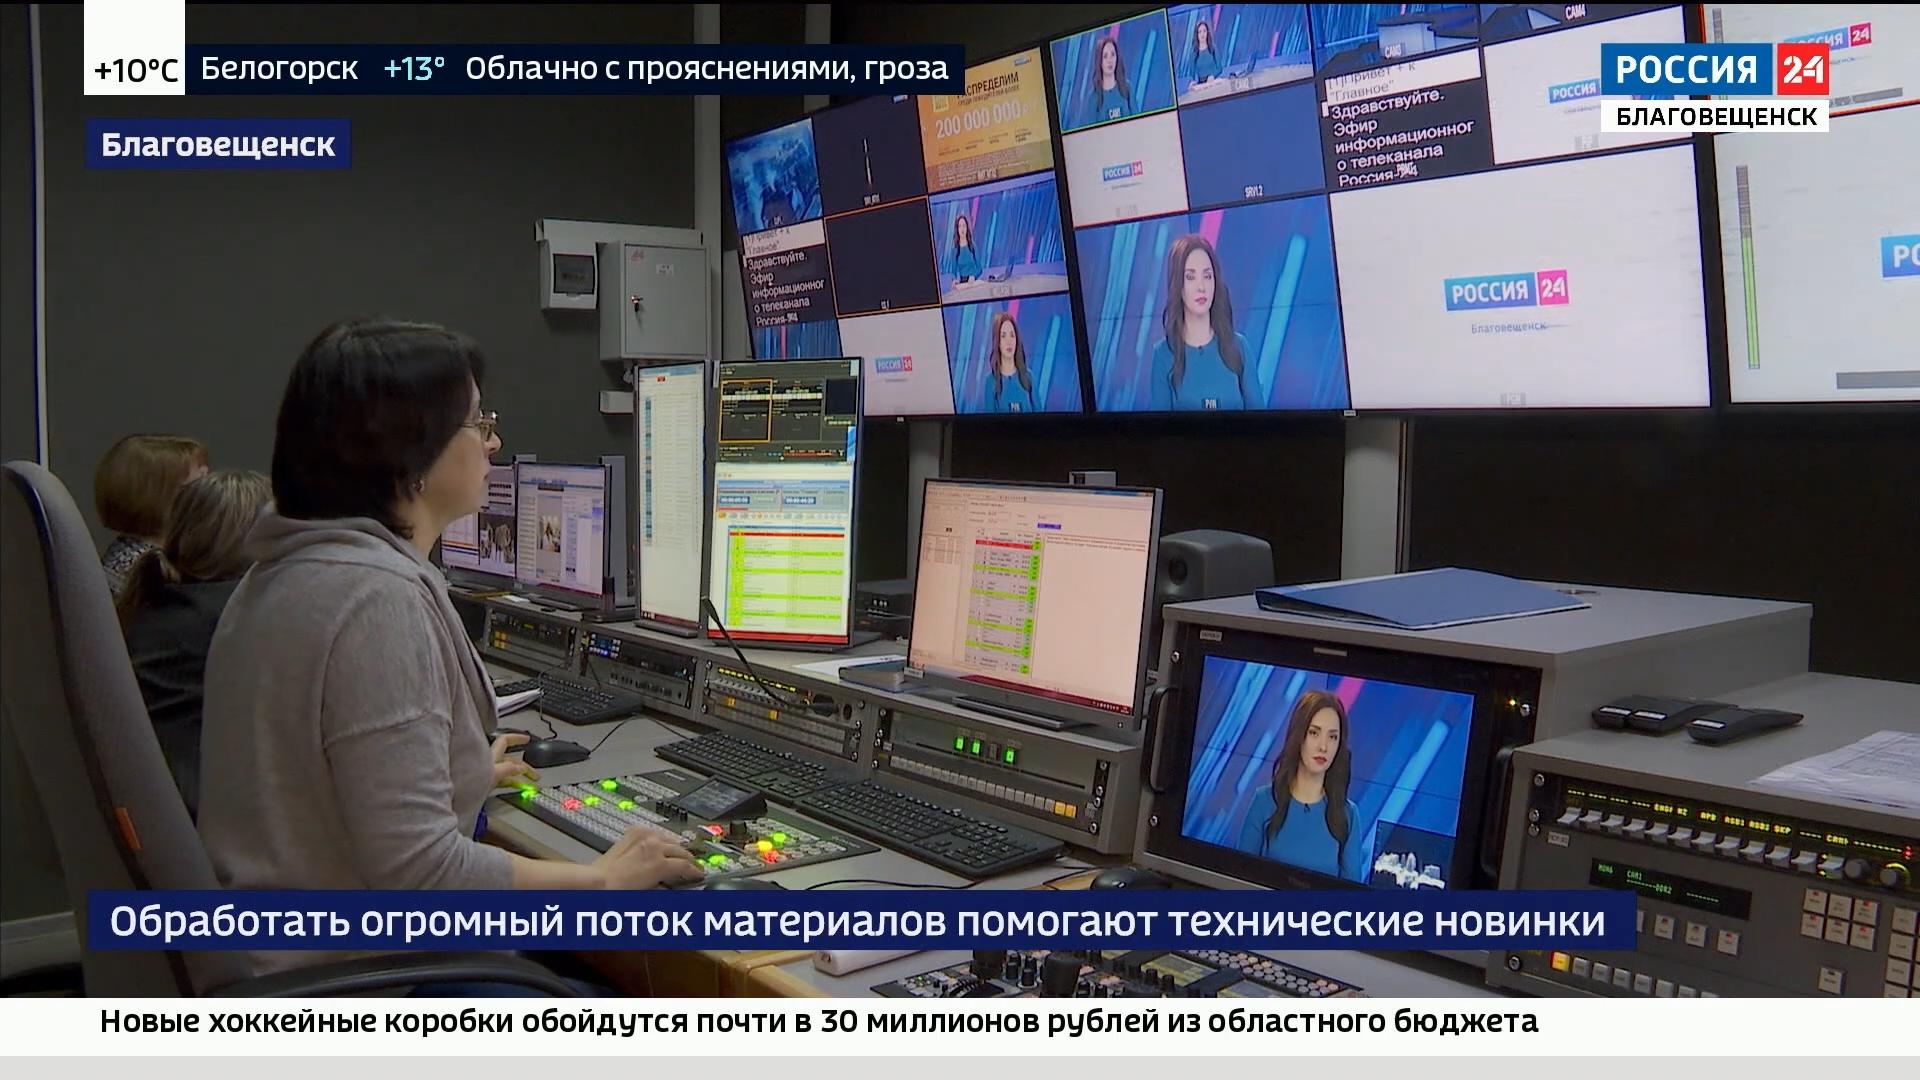 20210513_07-40--30 лет в эфире- сегодня ВГТРК празднует юбилей «Вестей»-pic00